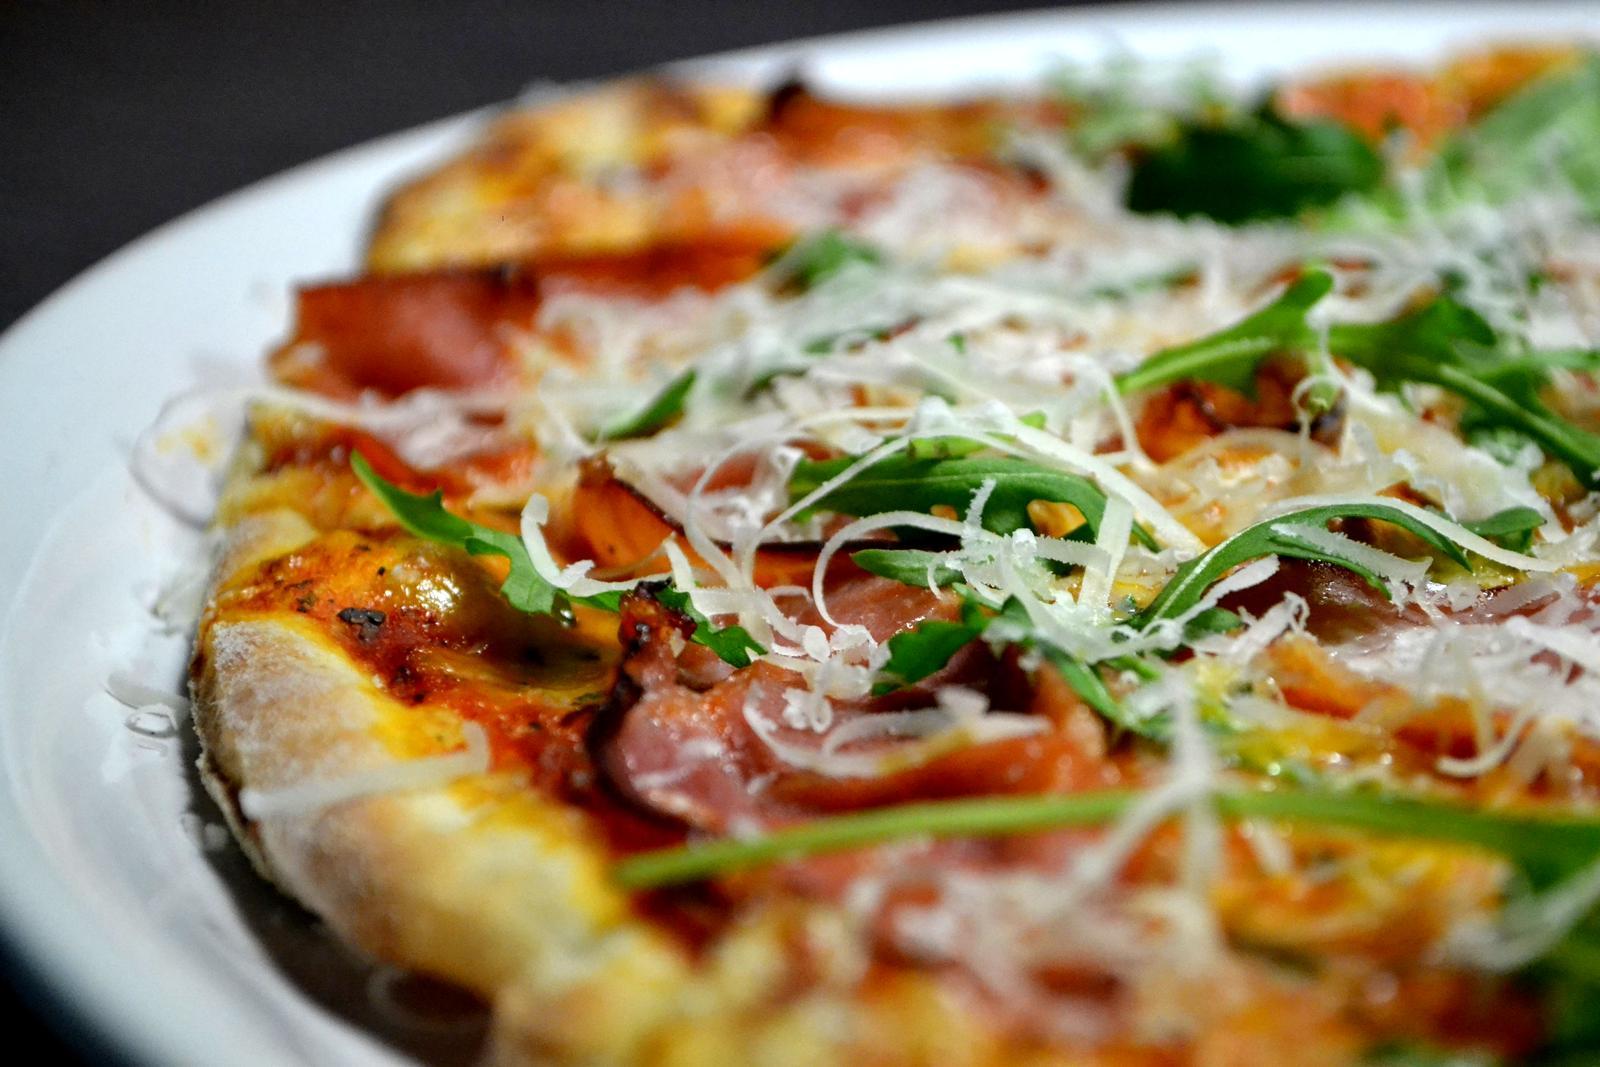 Upečeno a uvařeno u nás doma - Nejlepší večeře od mého milého, pizza s prosciuttem, rukolou a parmezánem